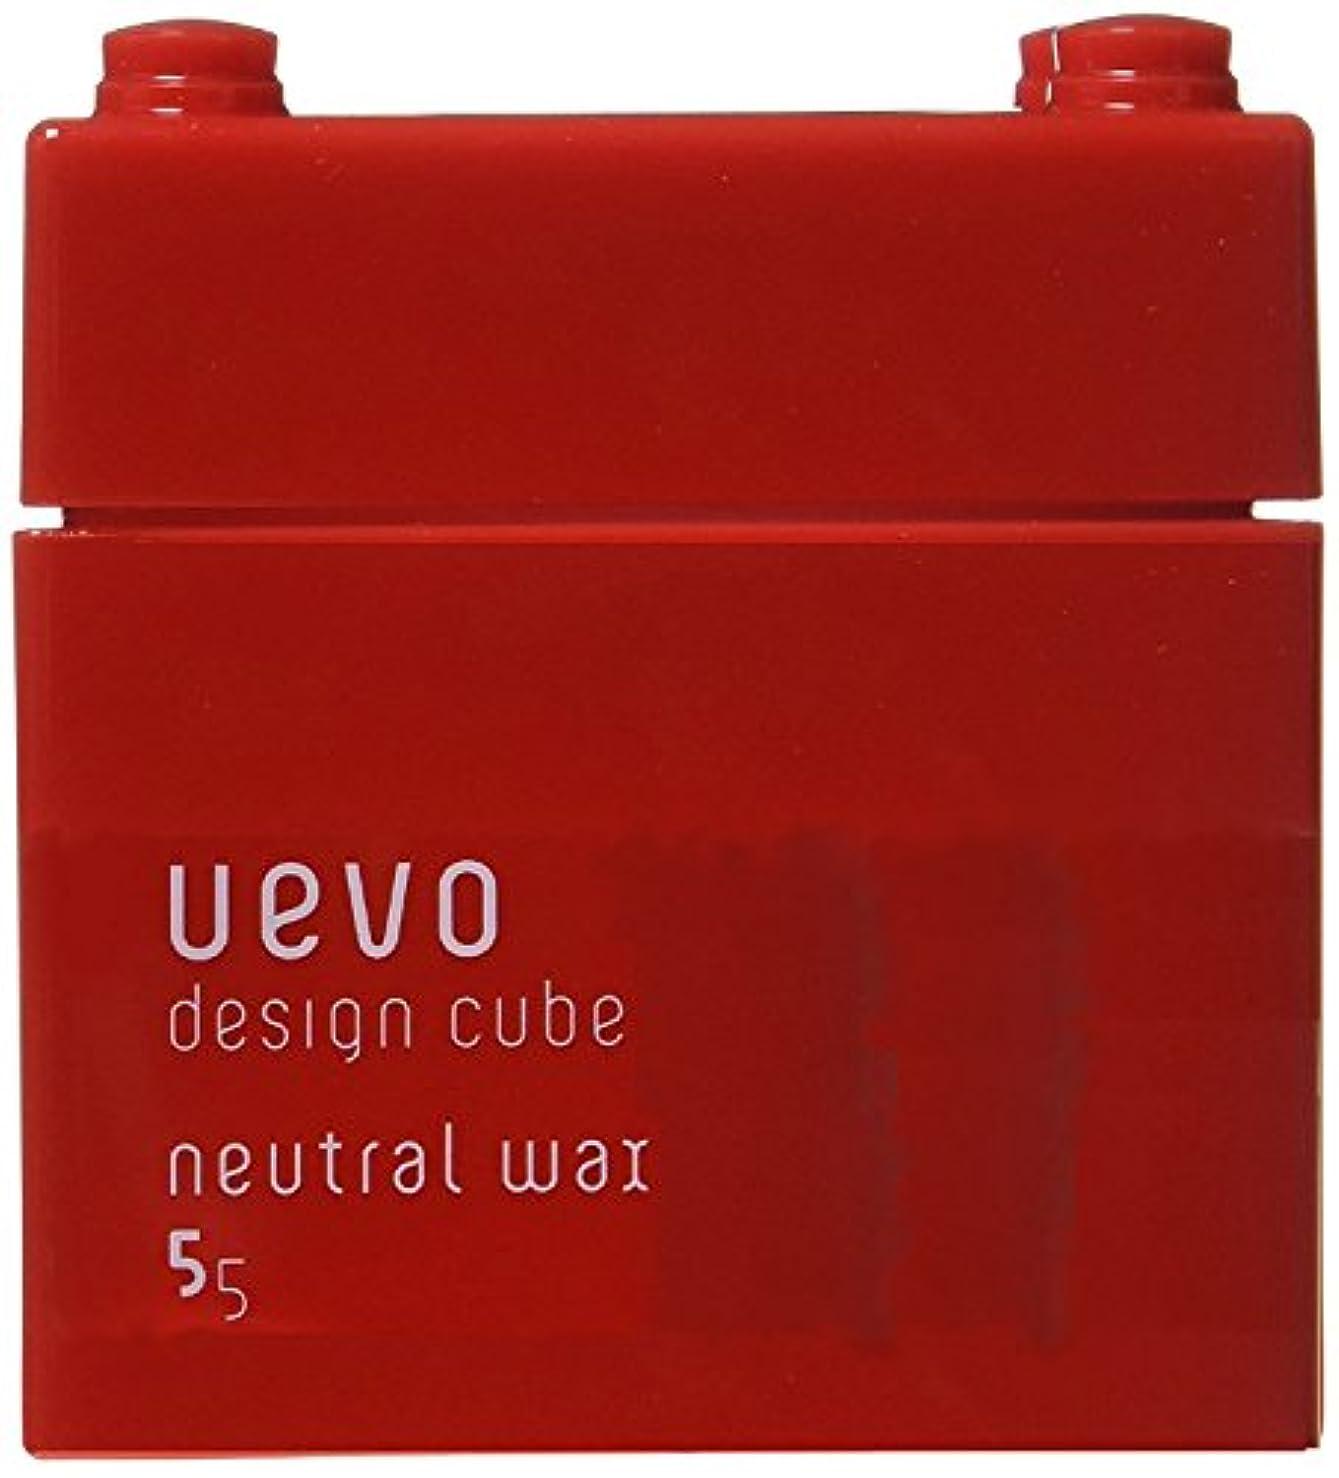 デミ?ウェーボ デザインキューブ ニュートラルワックス 80g(並行輸入品)